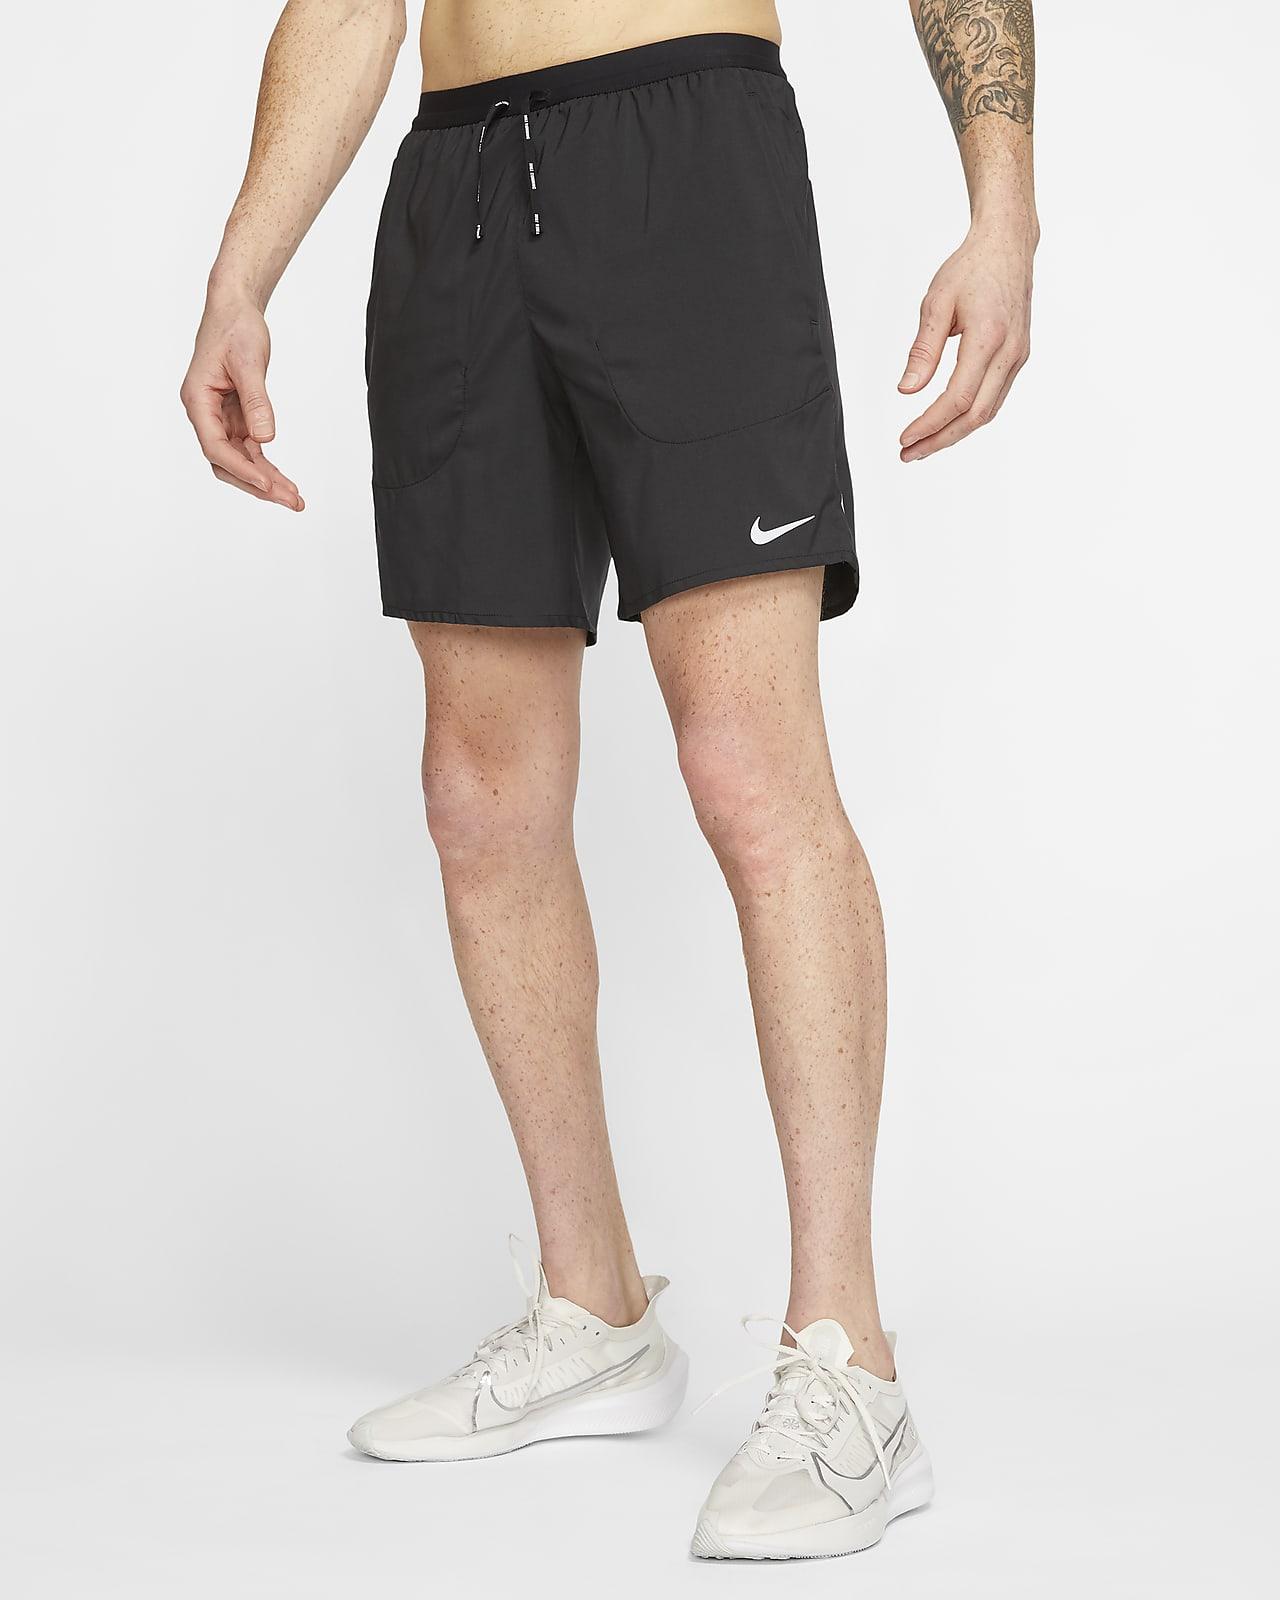 Мужские беговые шорты с подкладкой Nike Flex Stride